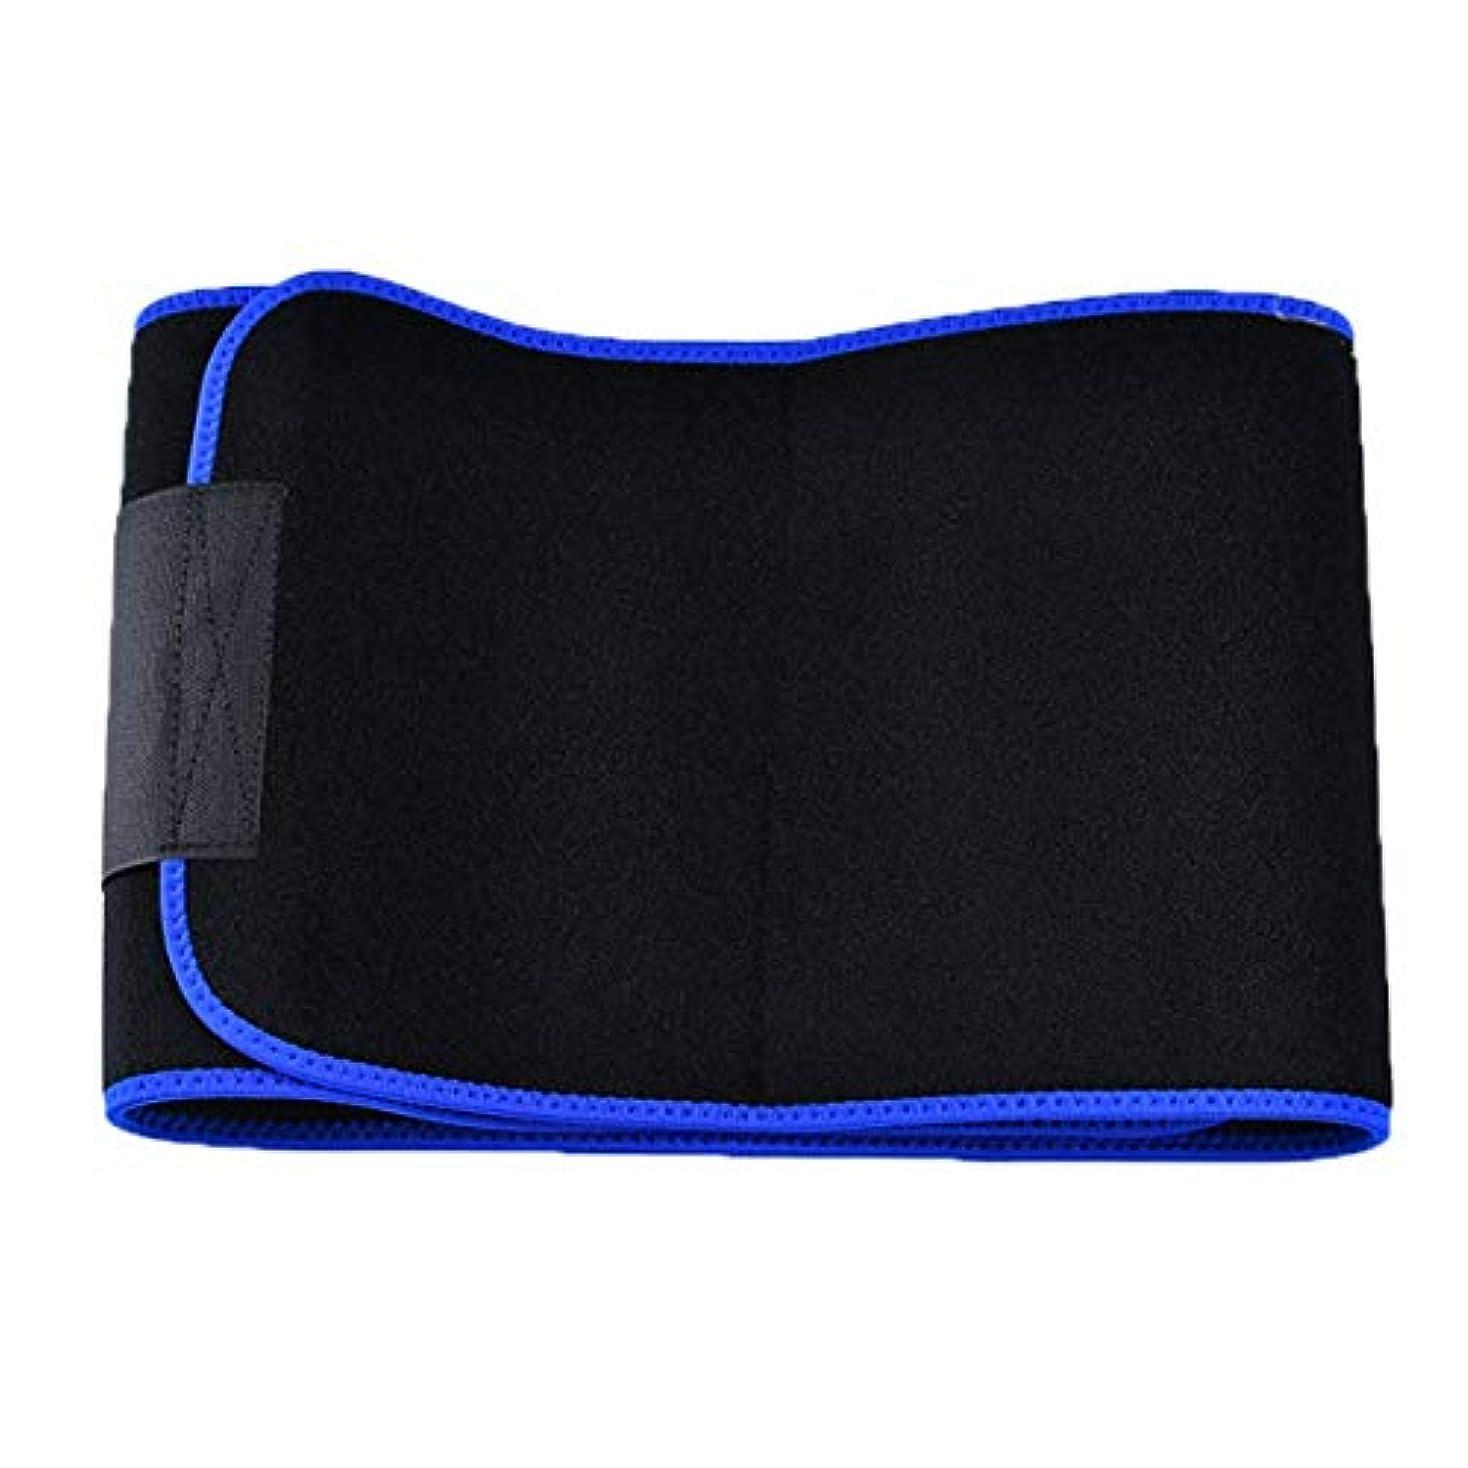 チロ頭痛お別れ腹部プラスチックベルトウエストサポートボディシェイパートレーニングコルセット痩身ウエストベルトスリム汗スポーツ保護具